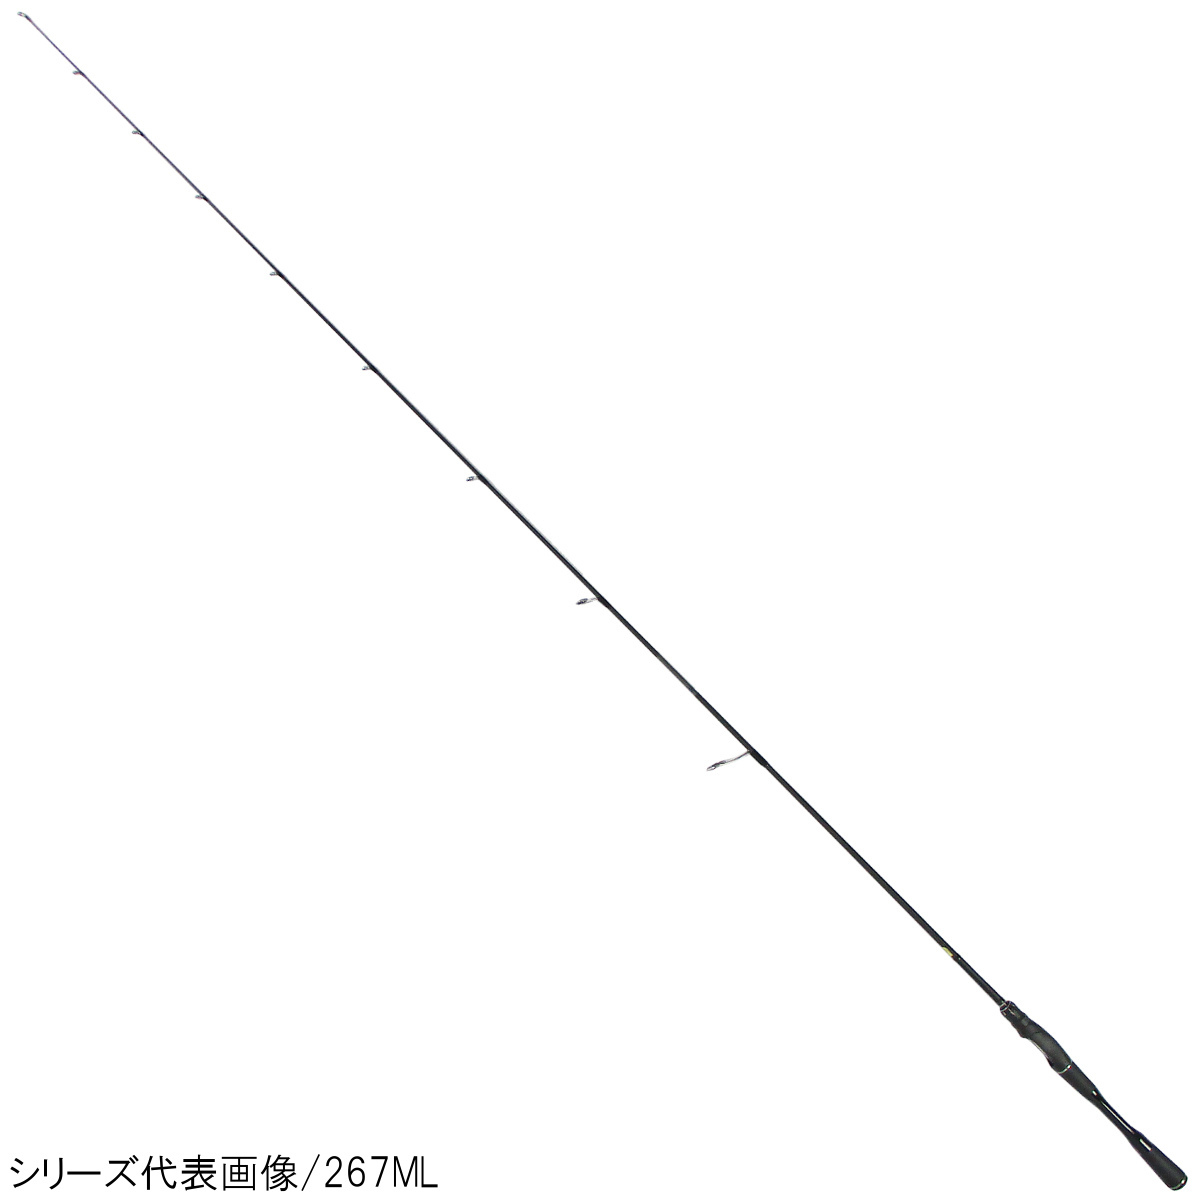 シマノ ポイズンアドレナ(スピニング) 2611MH【大型商品】